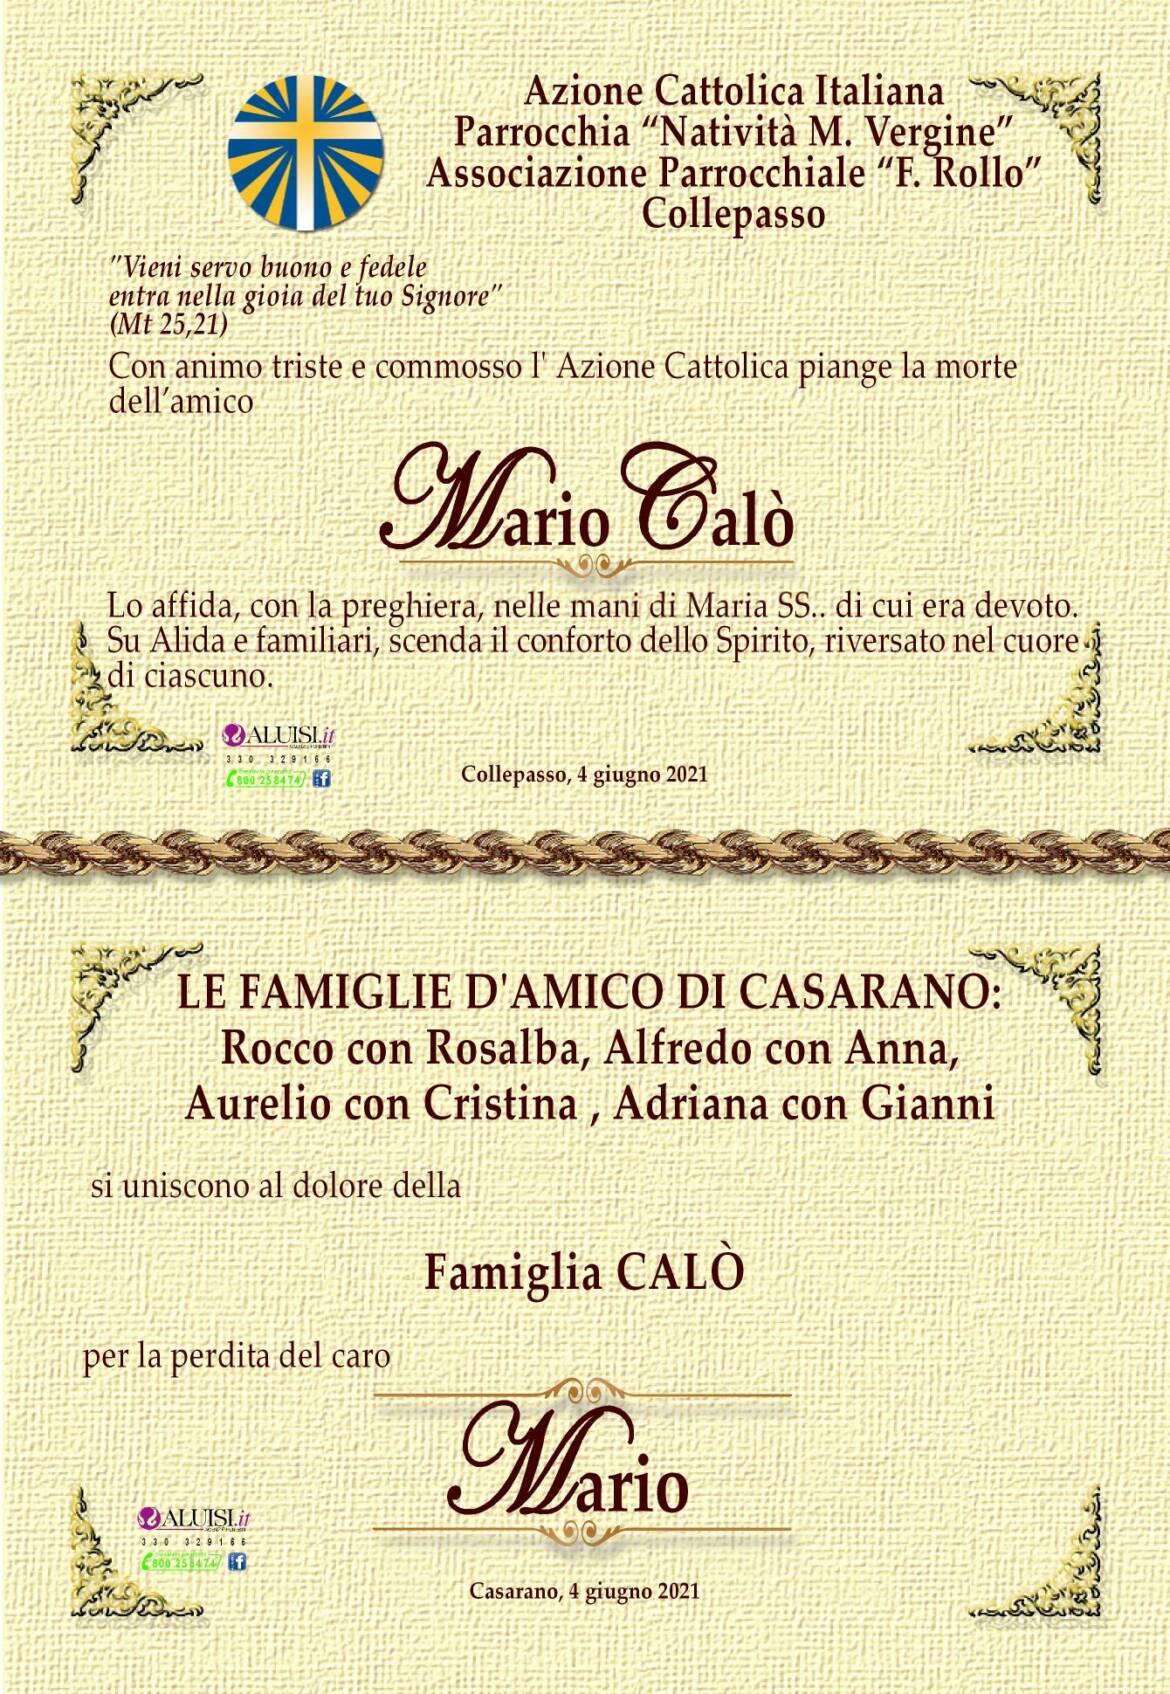 PARTECIPAZIONE-MARIO-CALo-COLLEPASSO-5-1.jpg